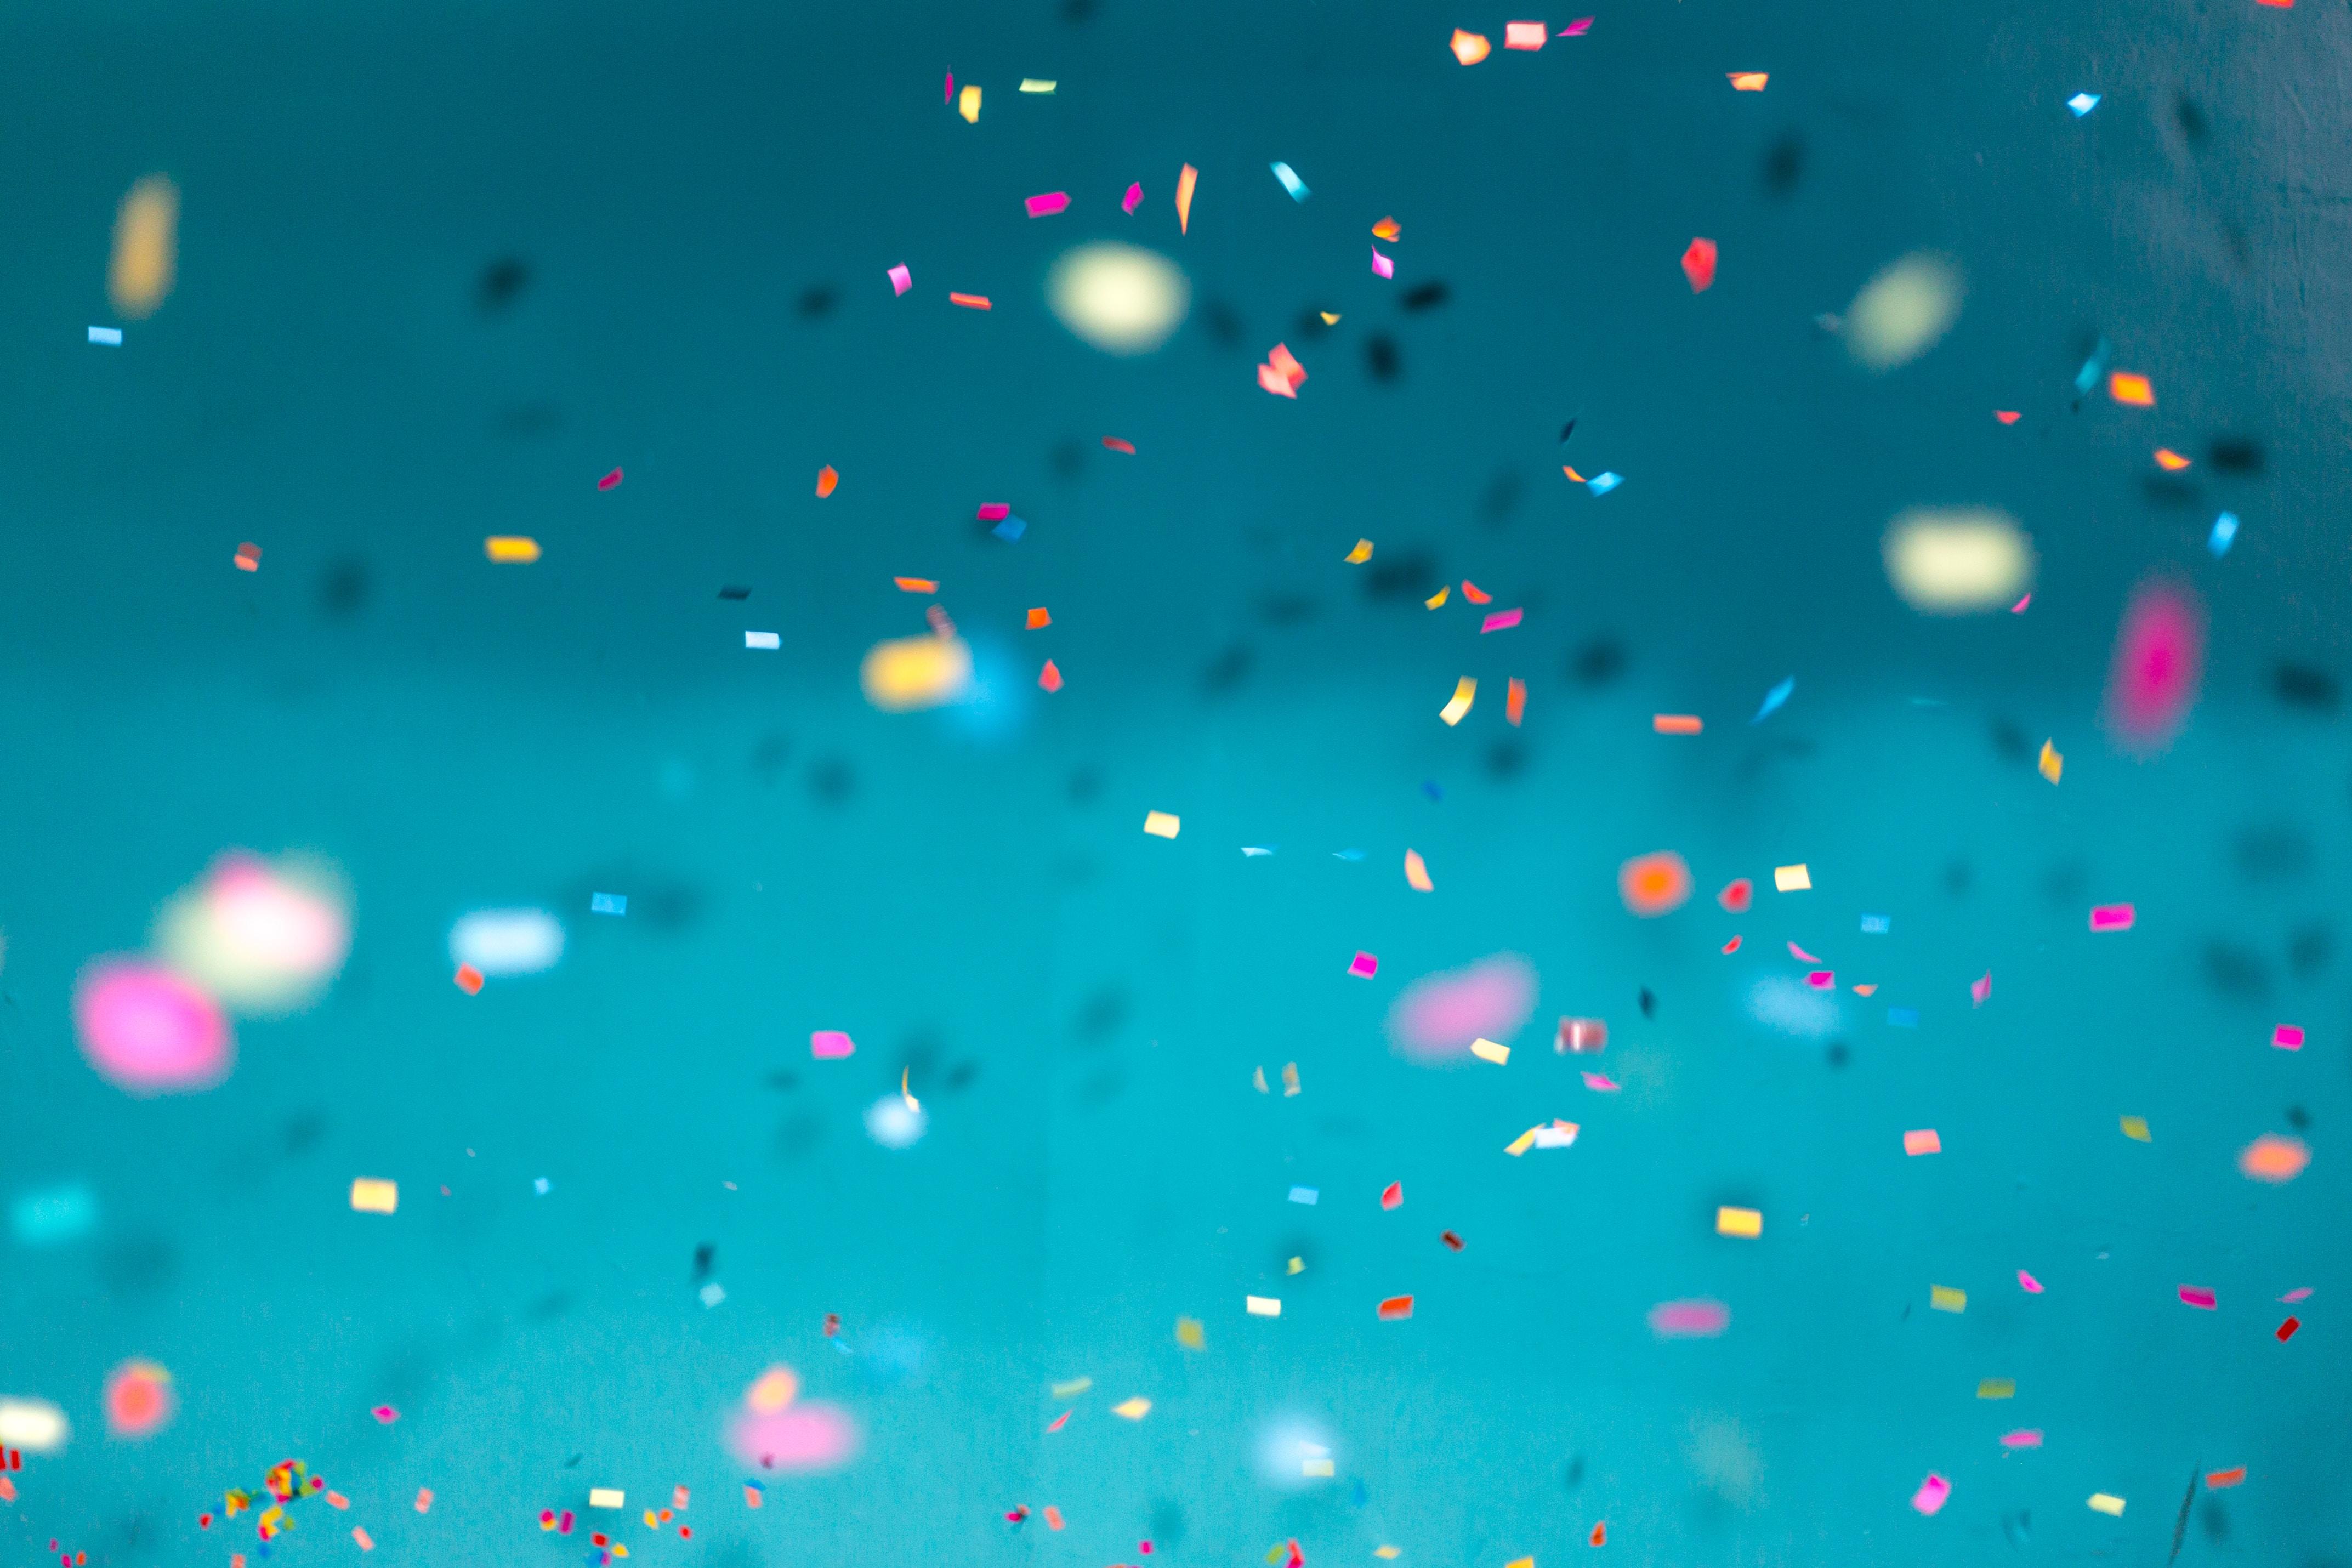 Los éxitos se han de celebrar